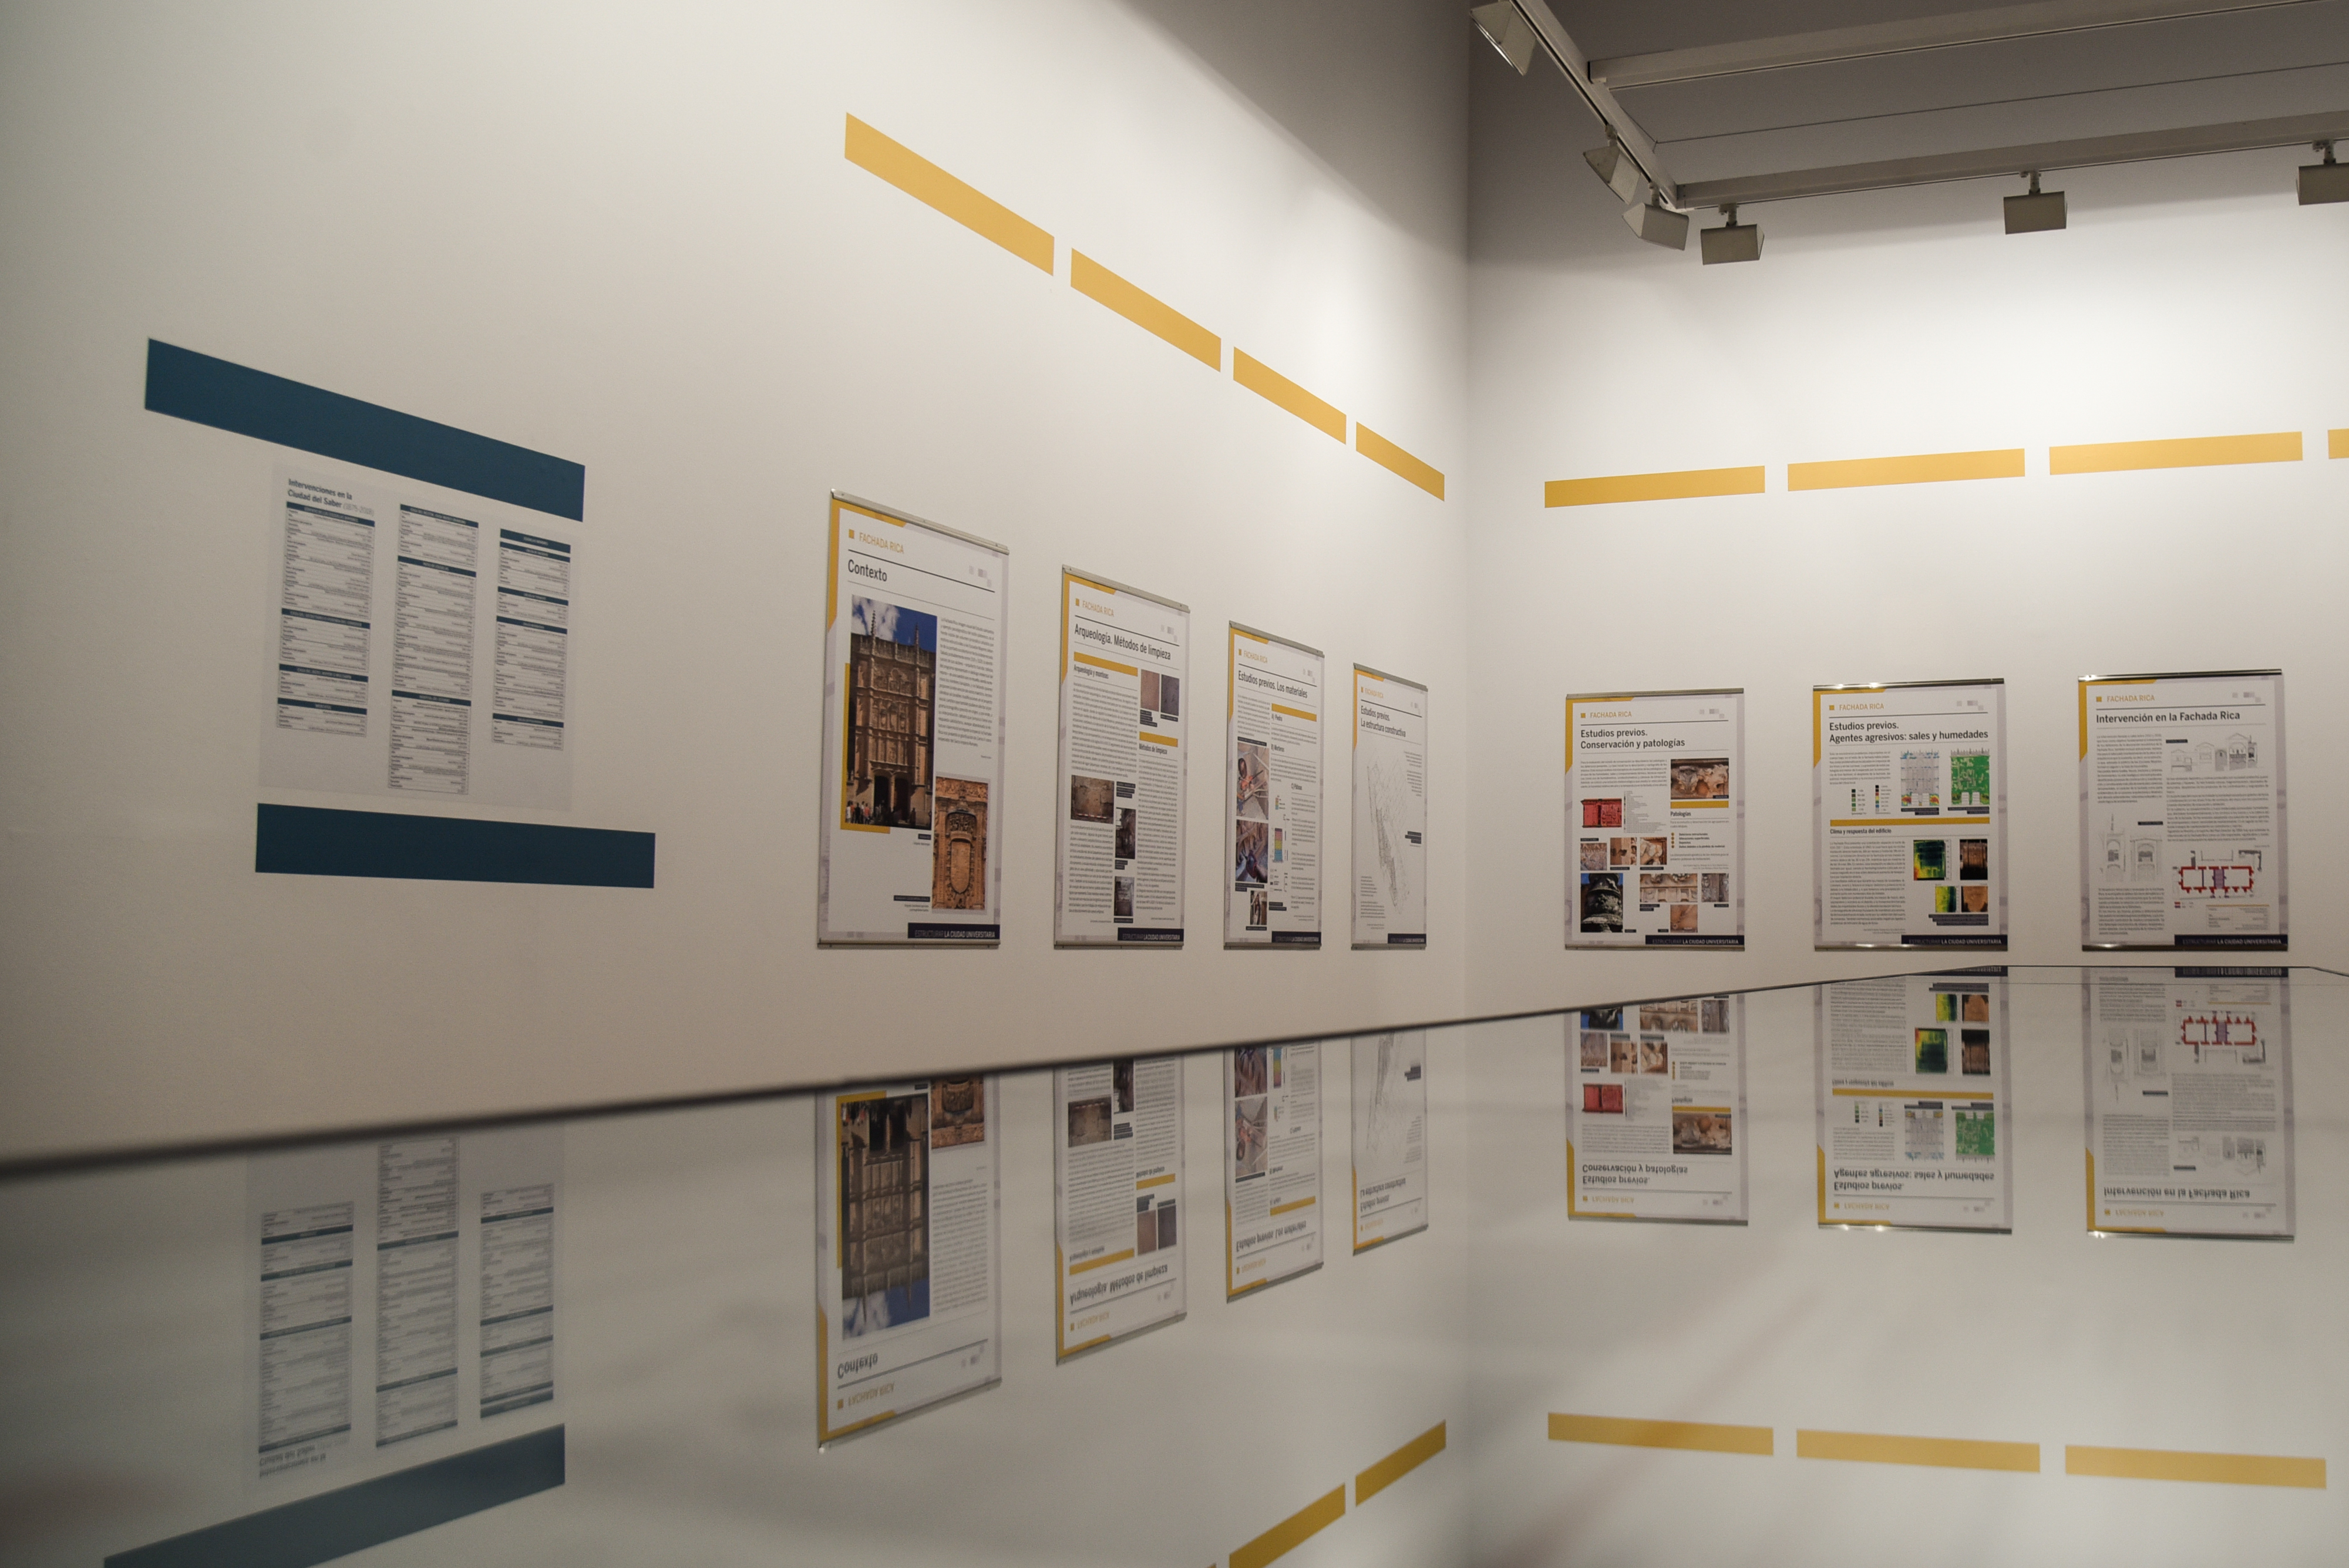 La exposición 'Estructurar la ciudad universitaria' propone un recorrido visual y didáctico por el patrimonio arquitectónico de la Universidad de Salamanca